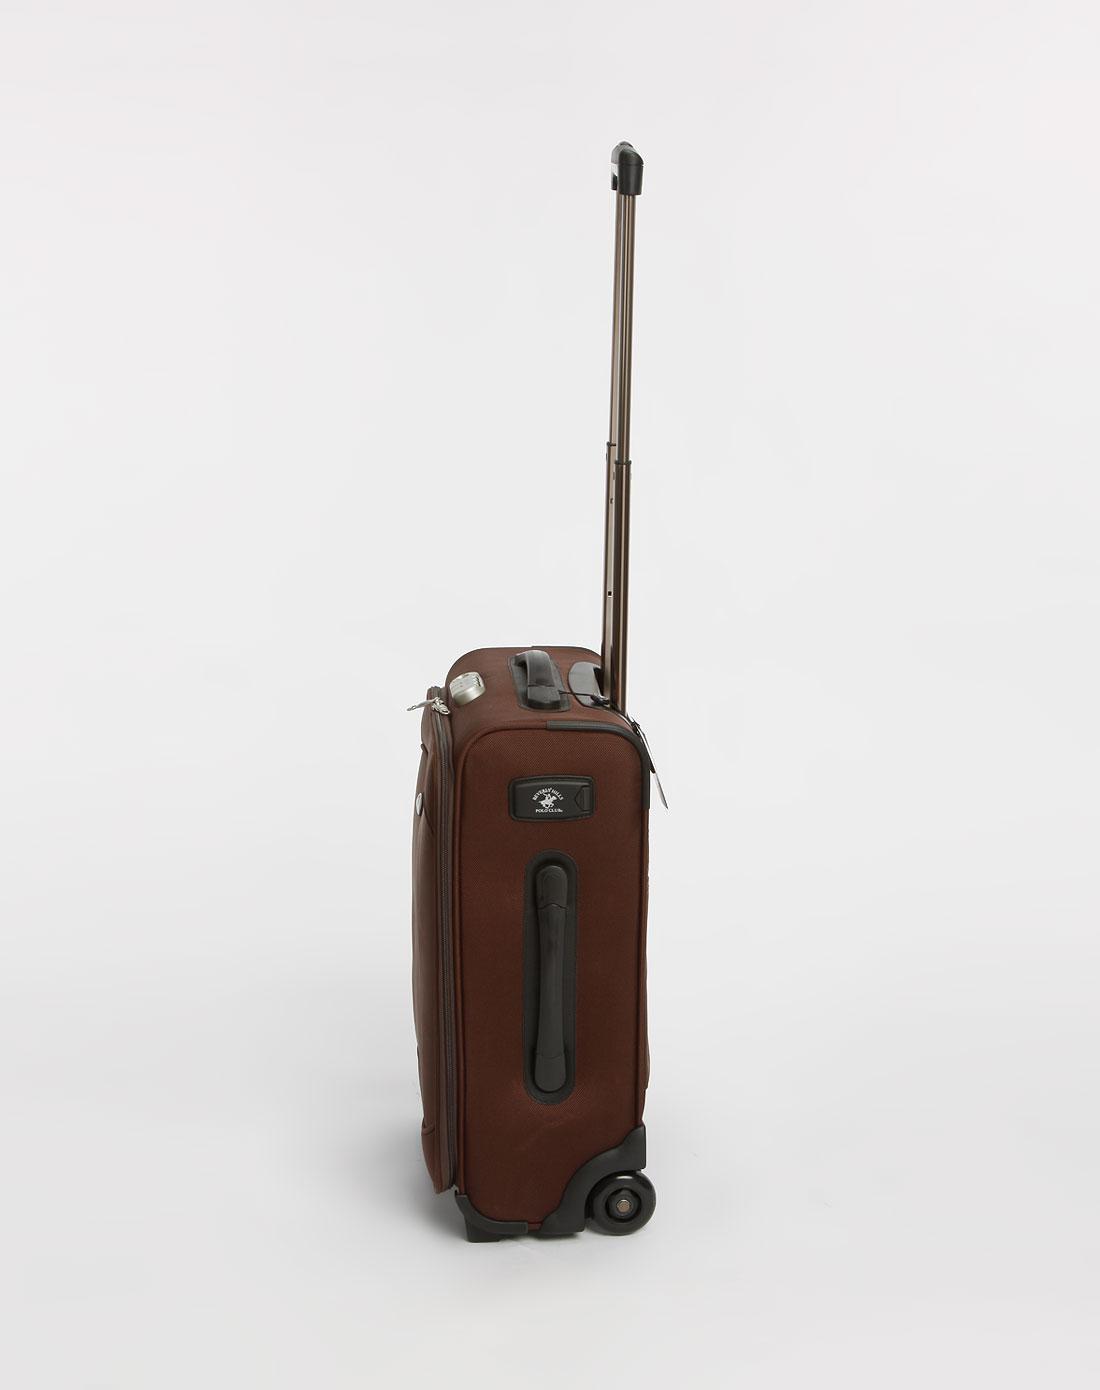 比华利保罗-褐色商务小拉杆箱